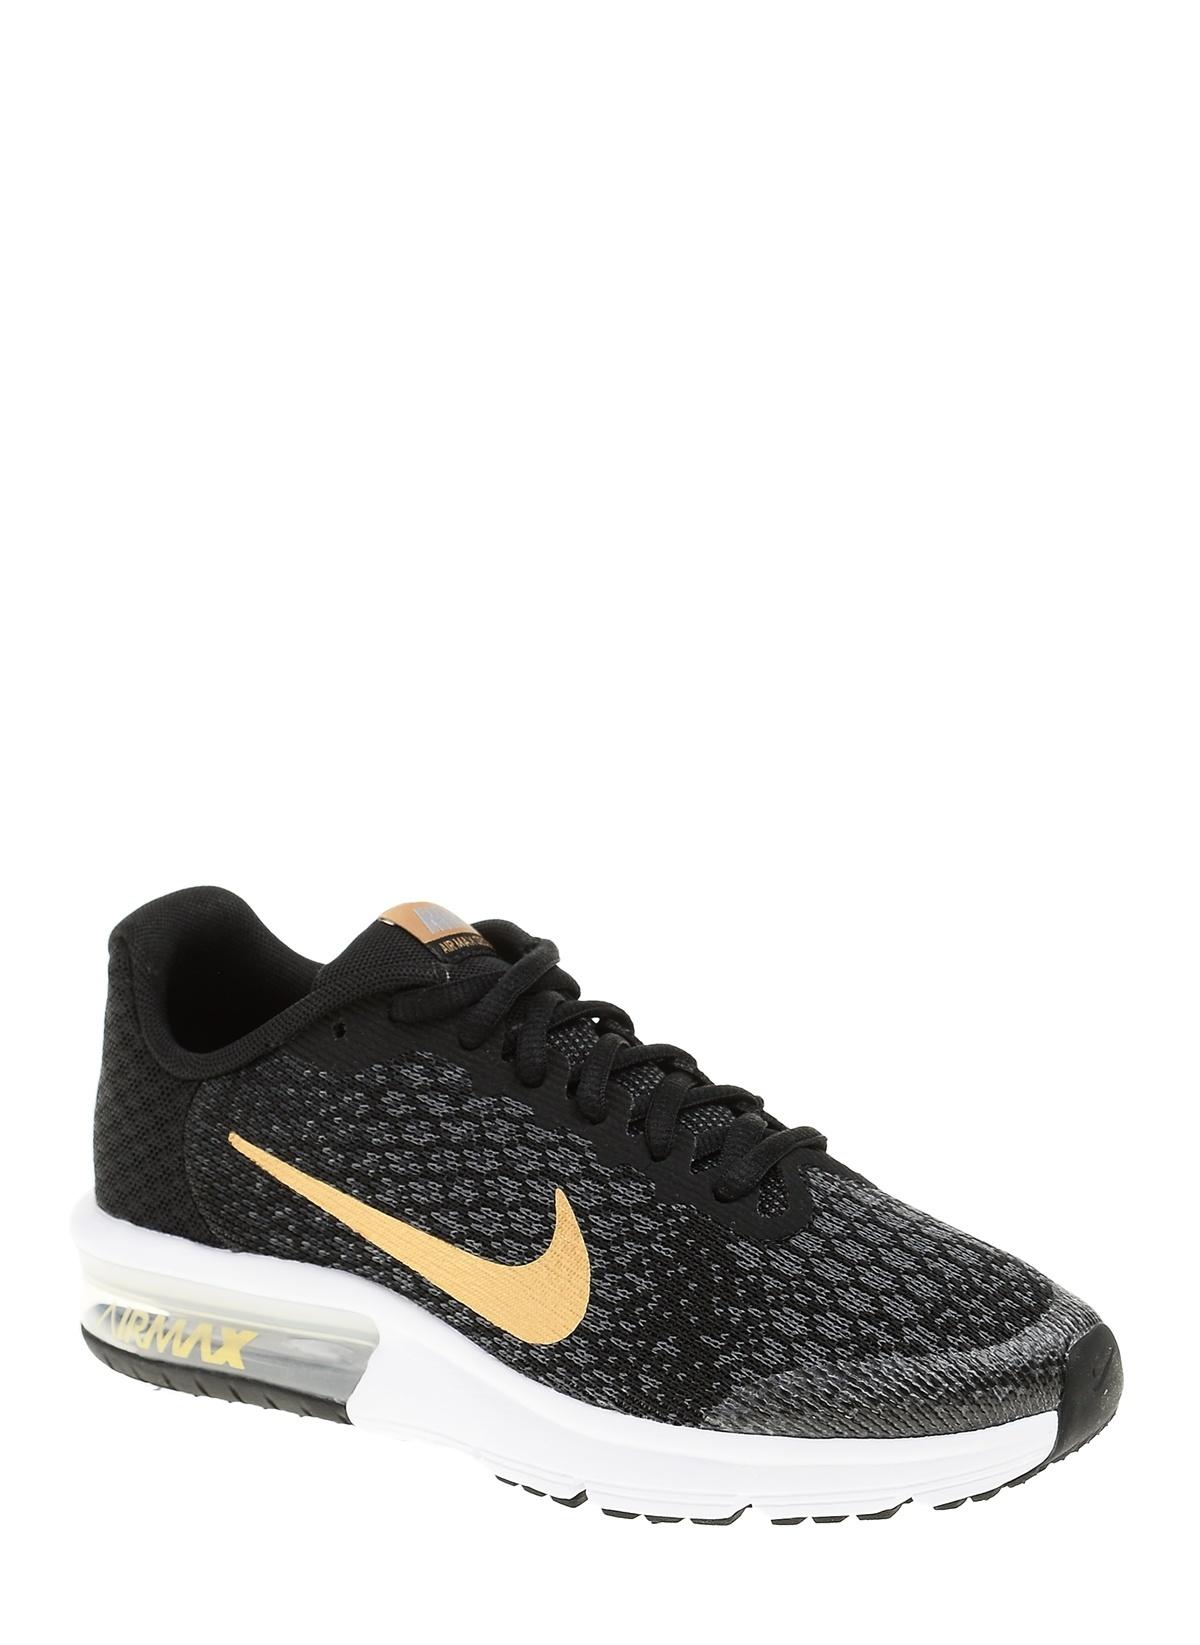 huge discount 2e2c2 9f07b Nike Erkek Çocuk Air Max Sequent 2 Black/Metallıc Gold-Anthracıte ...